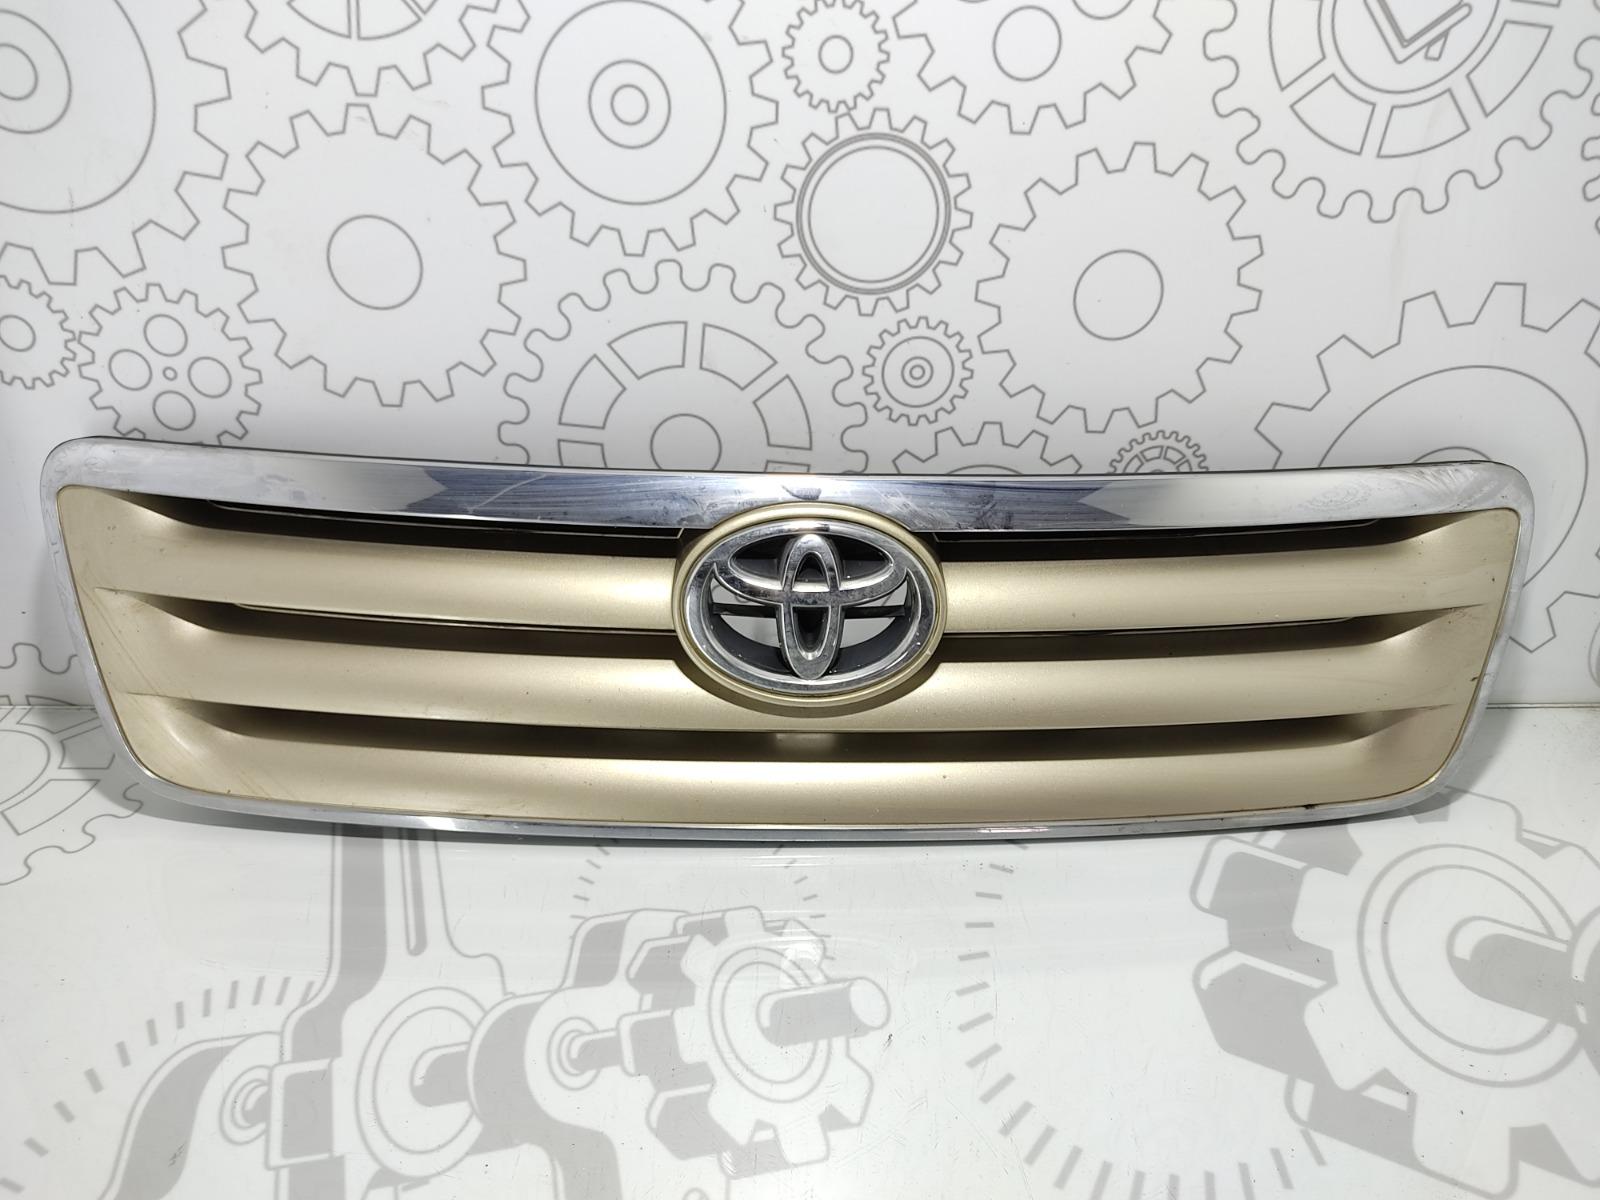 Решетка радиатора Toyota Avensis Verso 2.0 D-4D 2002 (б/у)